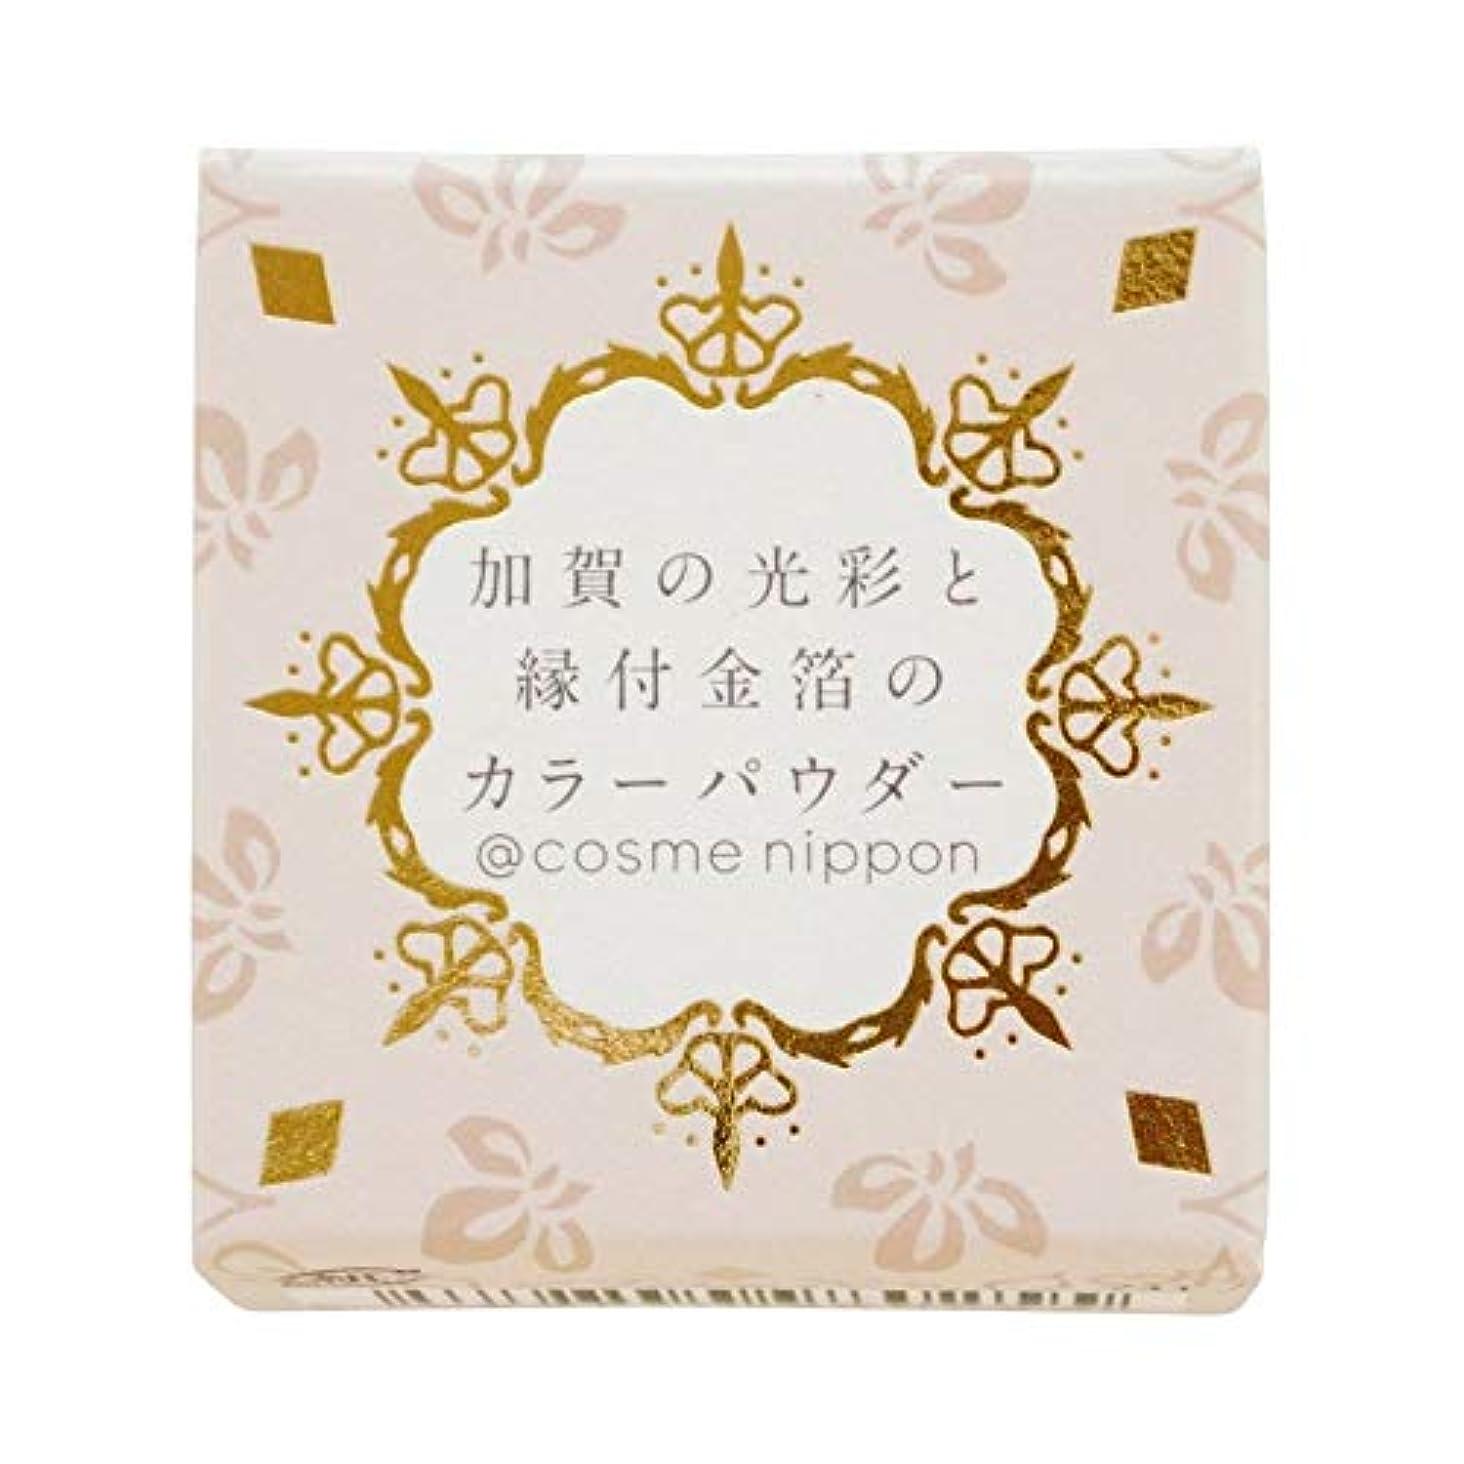 転倒肝傀儡友禅工芸 すずらん加賀の光彩と縁付け金箔のカラーパウダー01金色こんじき